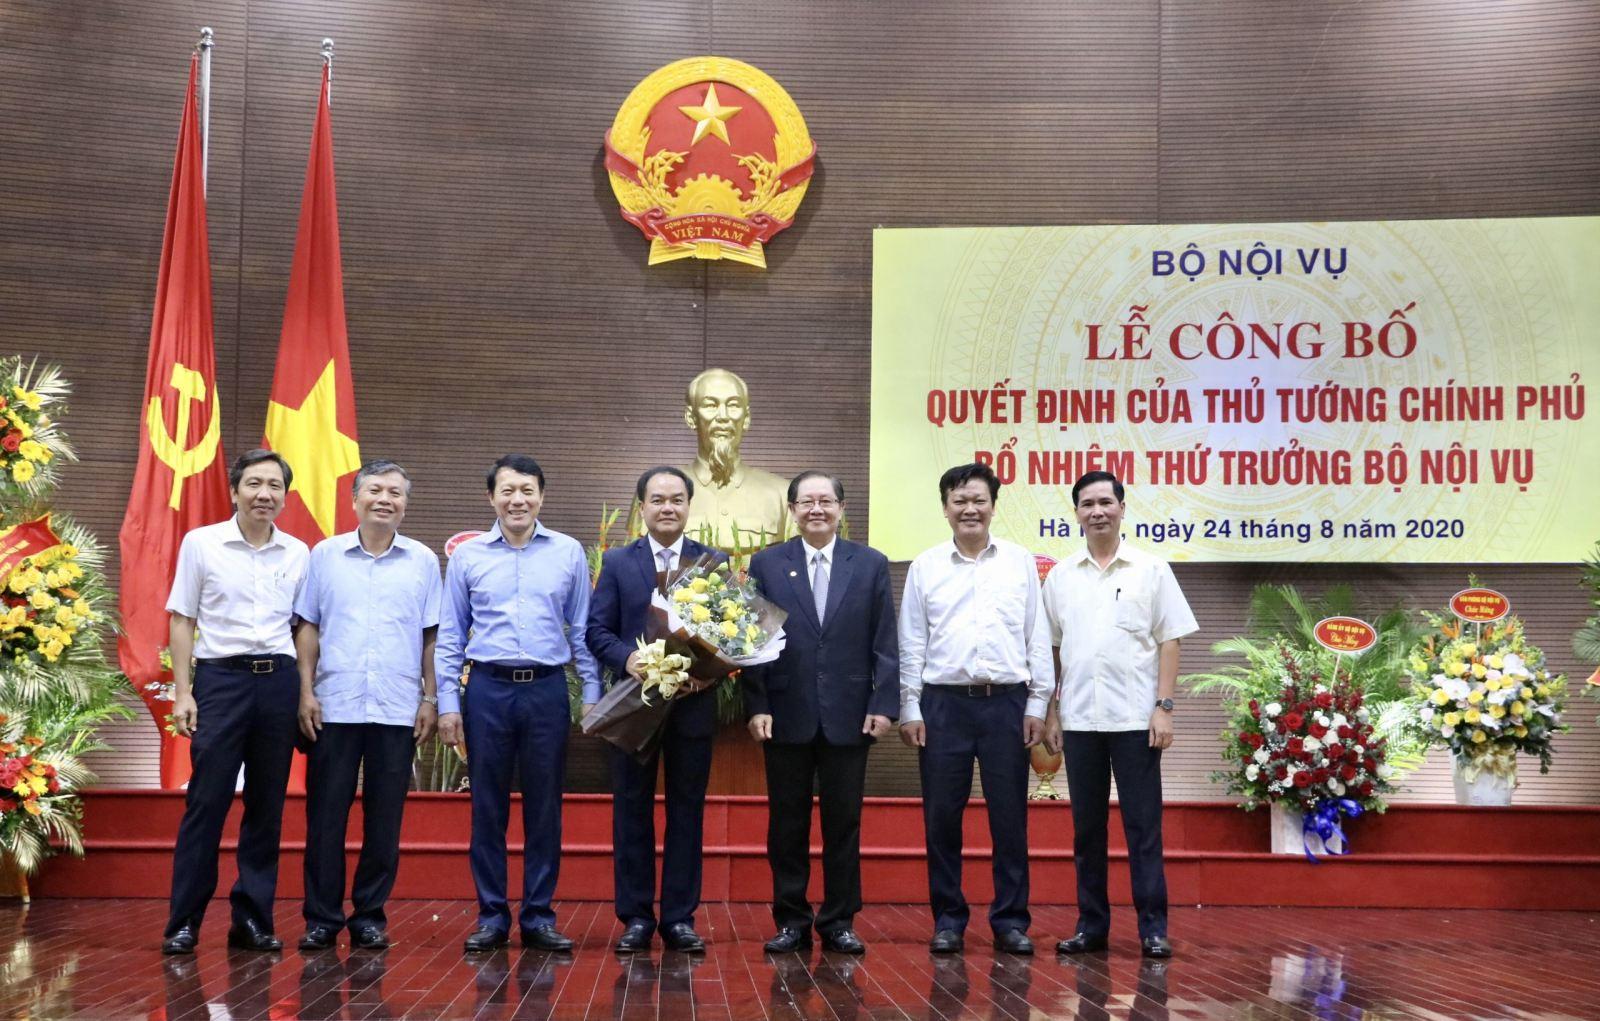 Le_cong_bo_va_trao_quyet_dinh_bo_nhiem_Thu_truong_Bo_Noi_vu_cho_ong_Vu_Chien_Thang